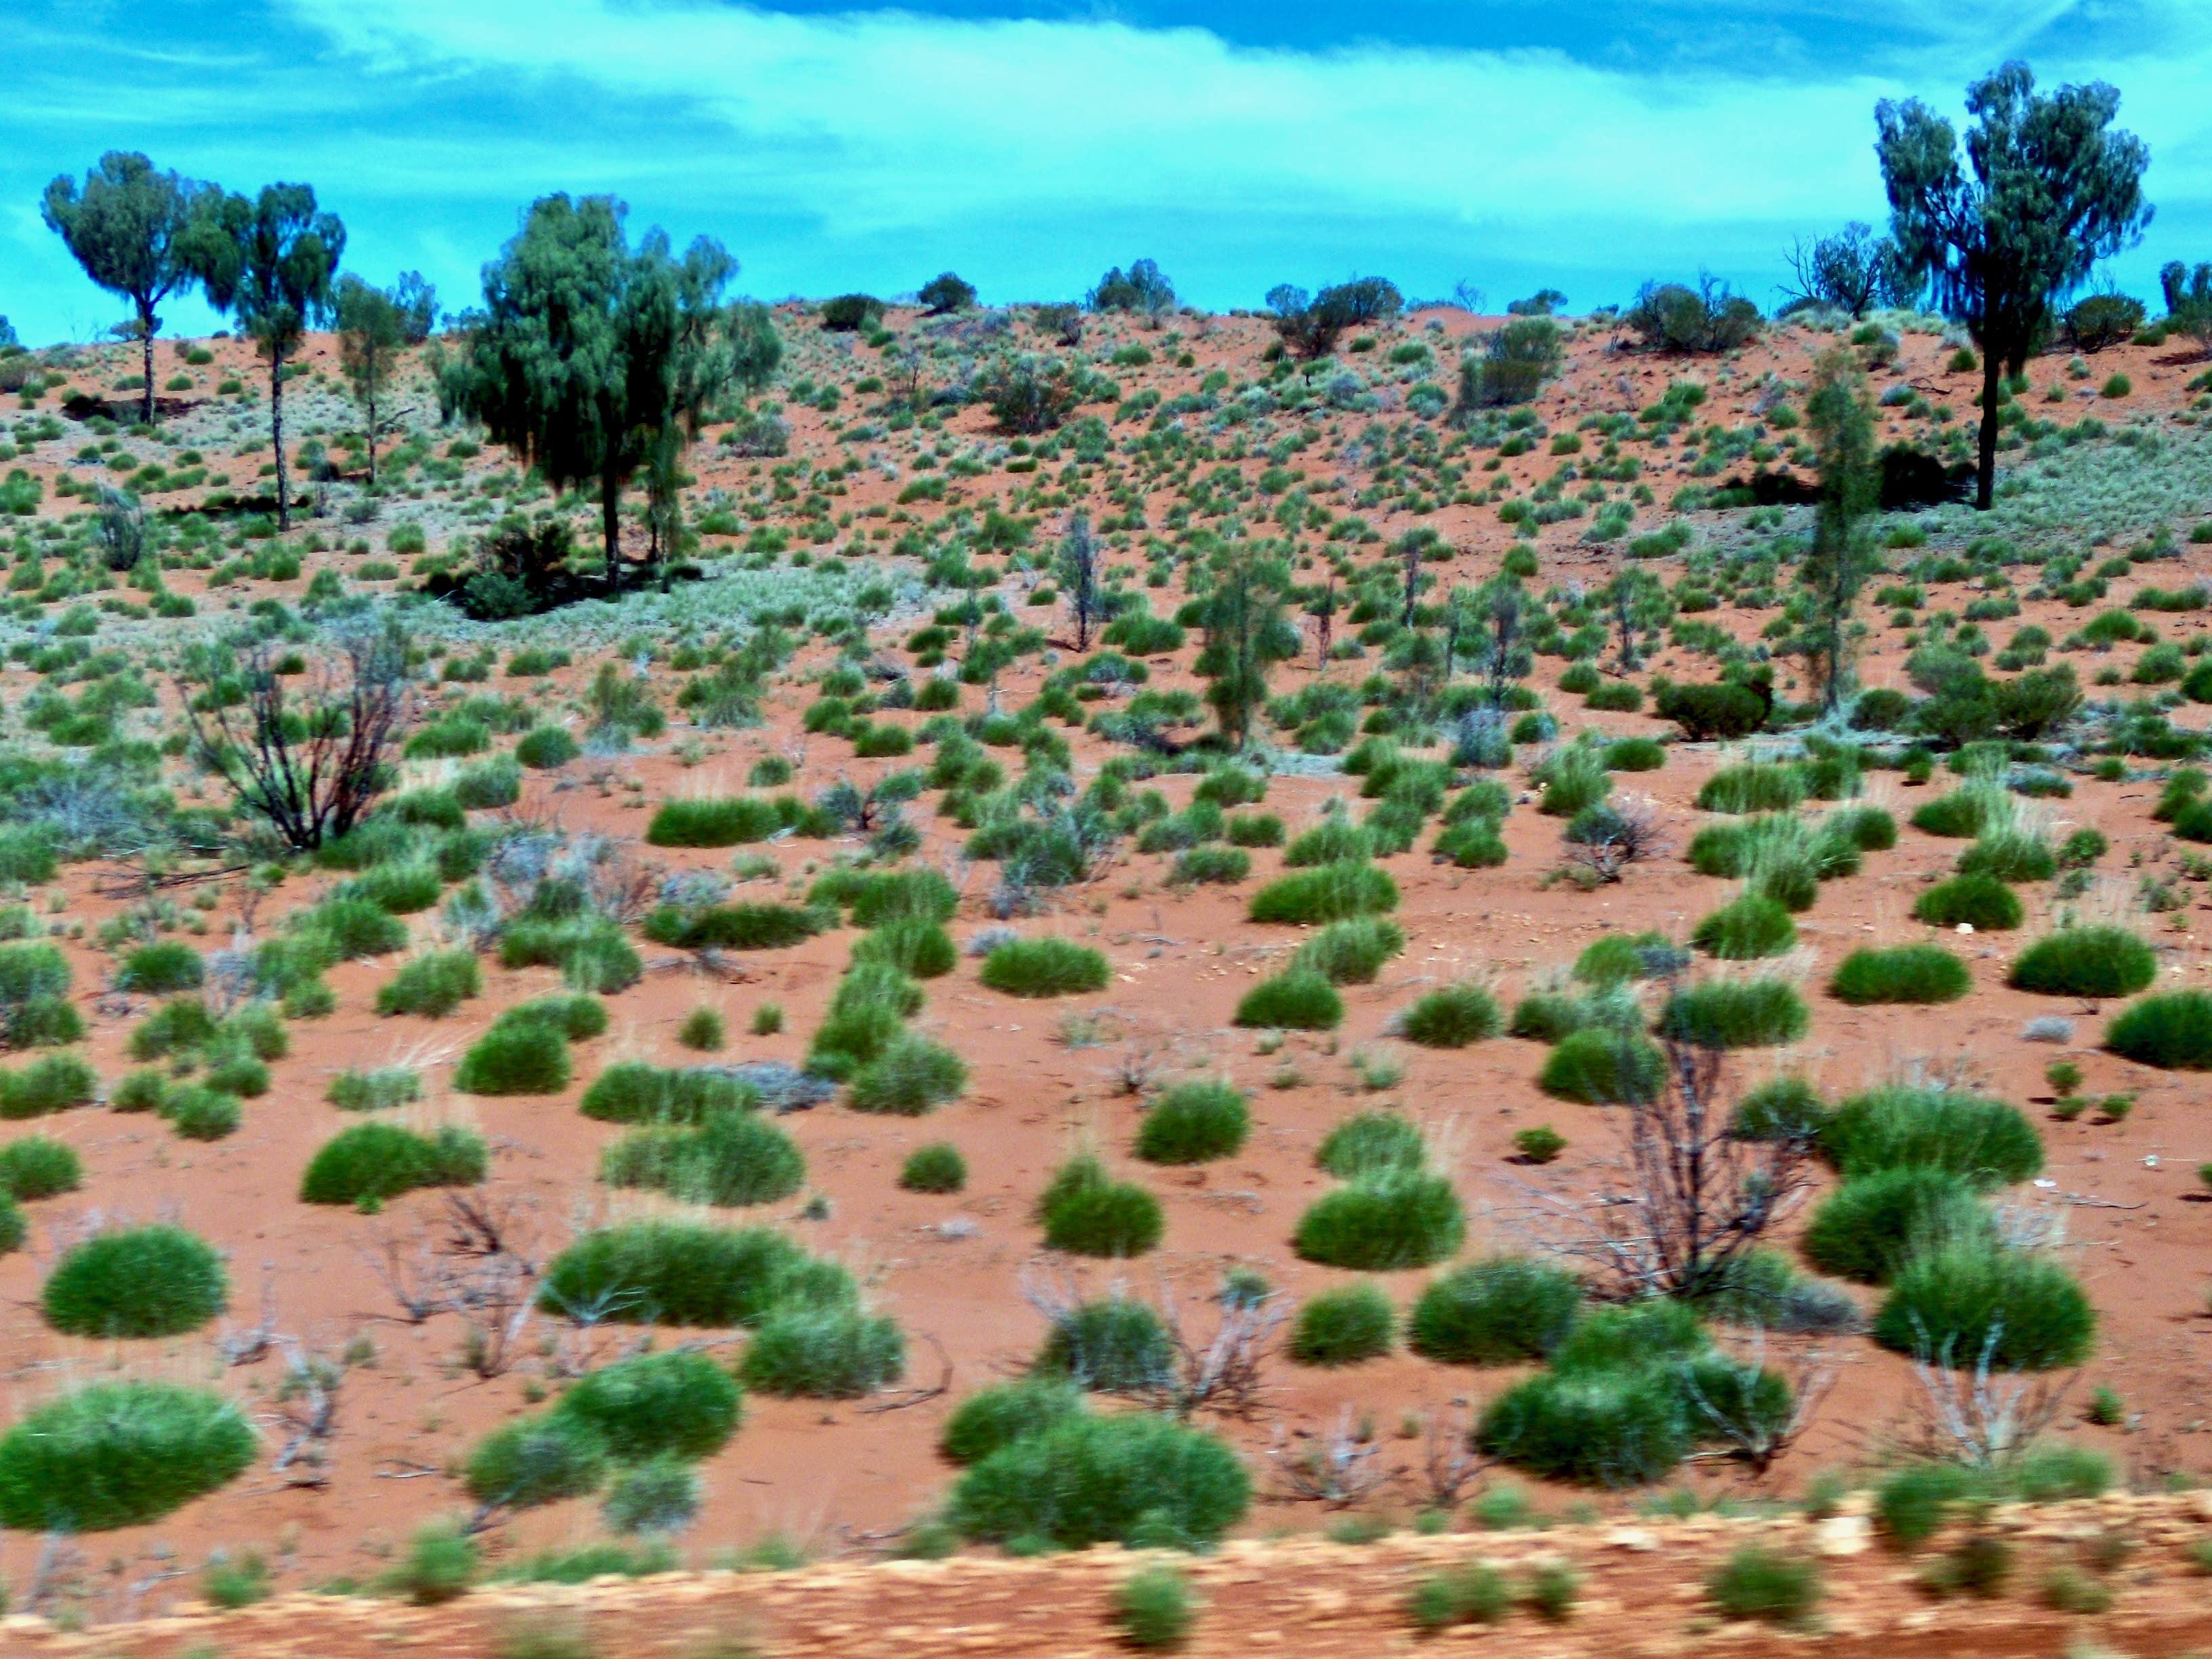 Desert Outback Australie